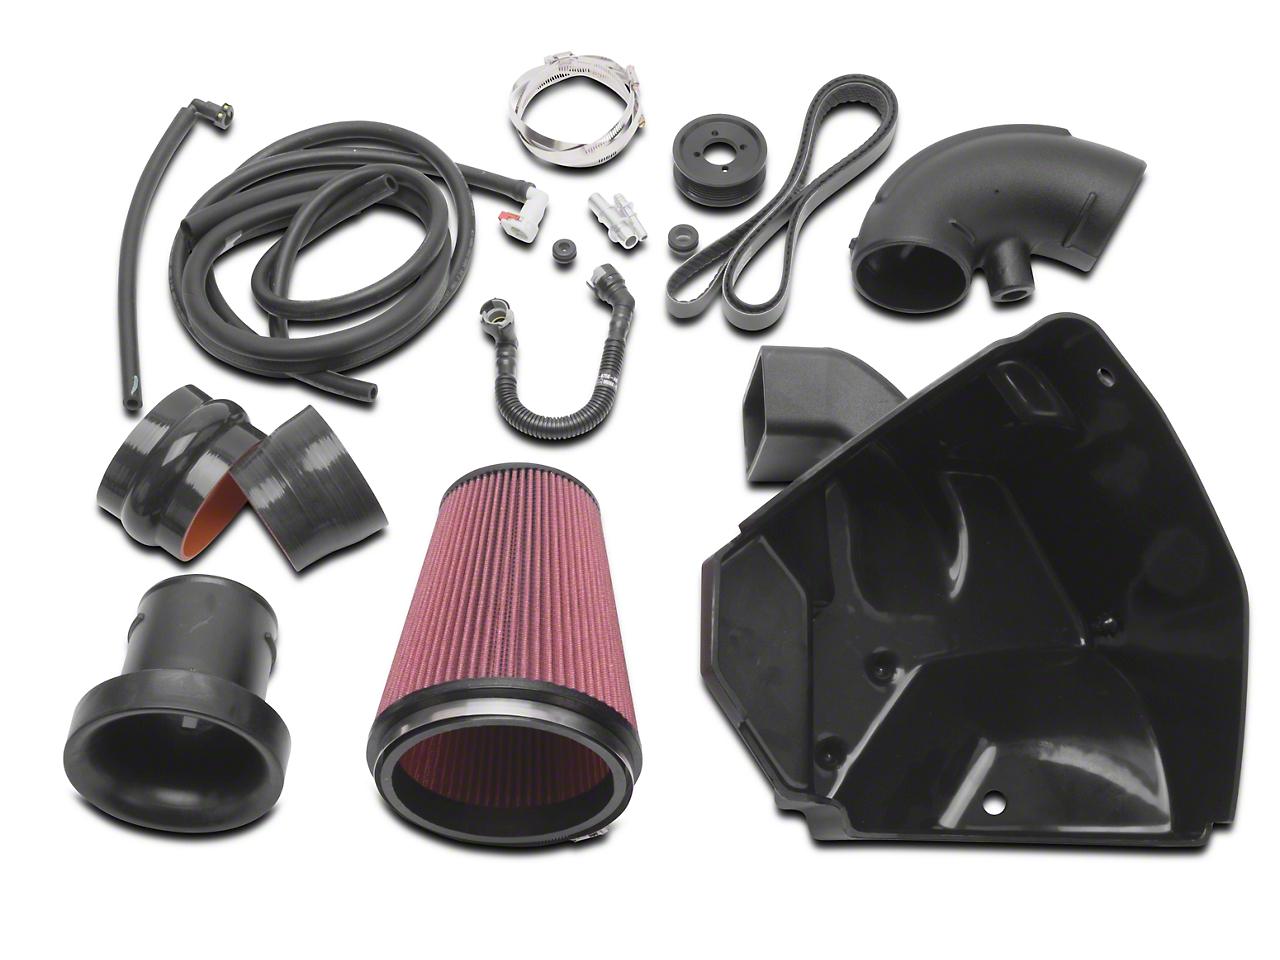 Edelbrock Stage 2 Supercharger Upgrade (11-14 GT)